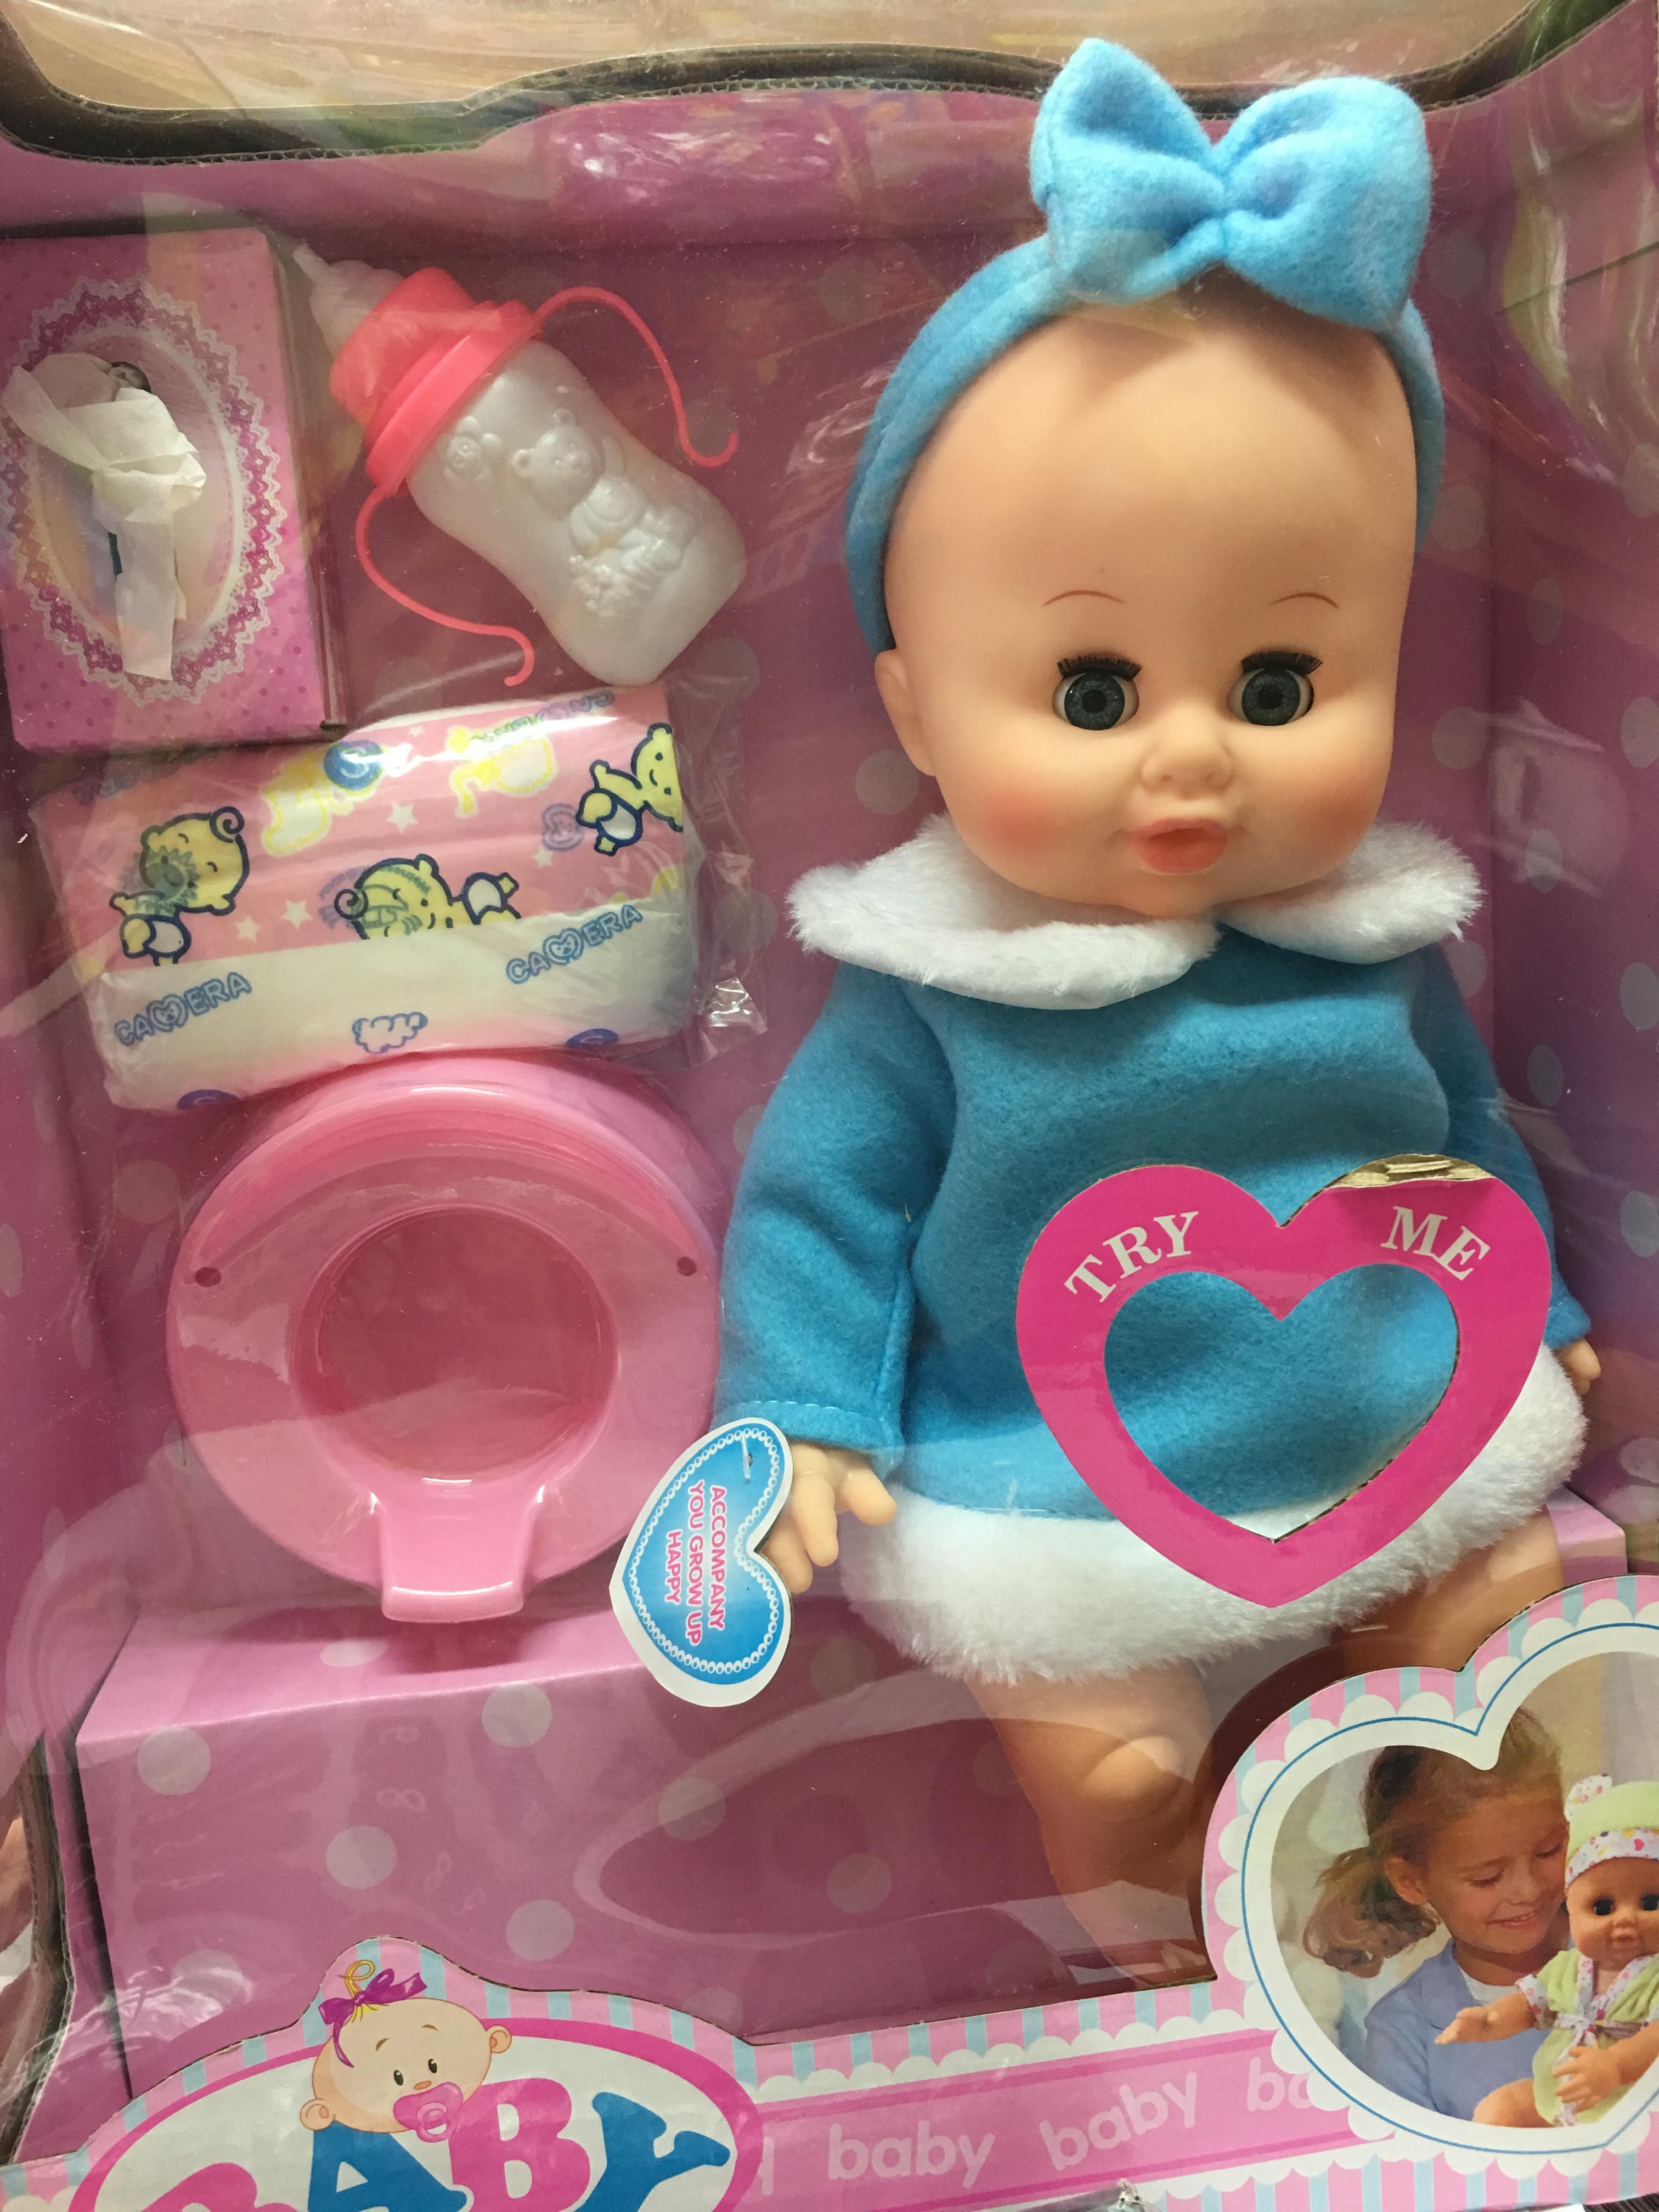 ตุ๊กตาฉี่ได้ ร้องได้กินนม หลับตาได้ ( ชุดสีฟ้าเข้ม)